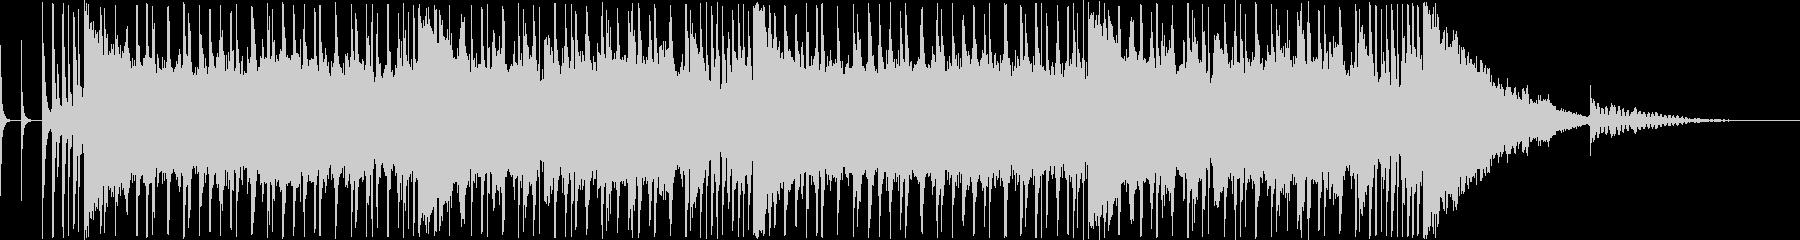 ダーク&パワフルなバンドサウンドの未再生の波形